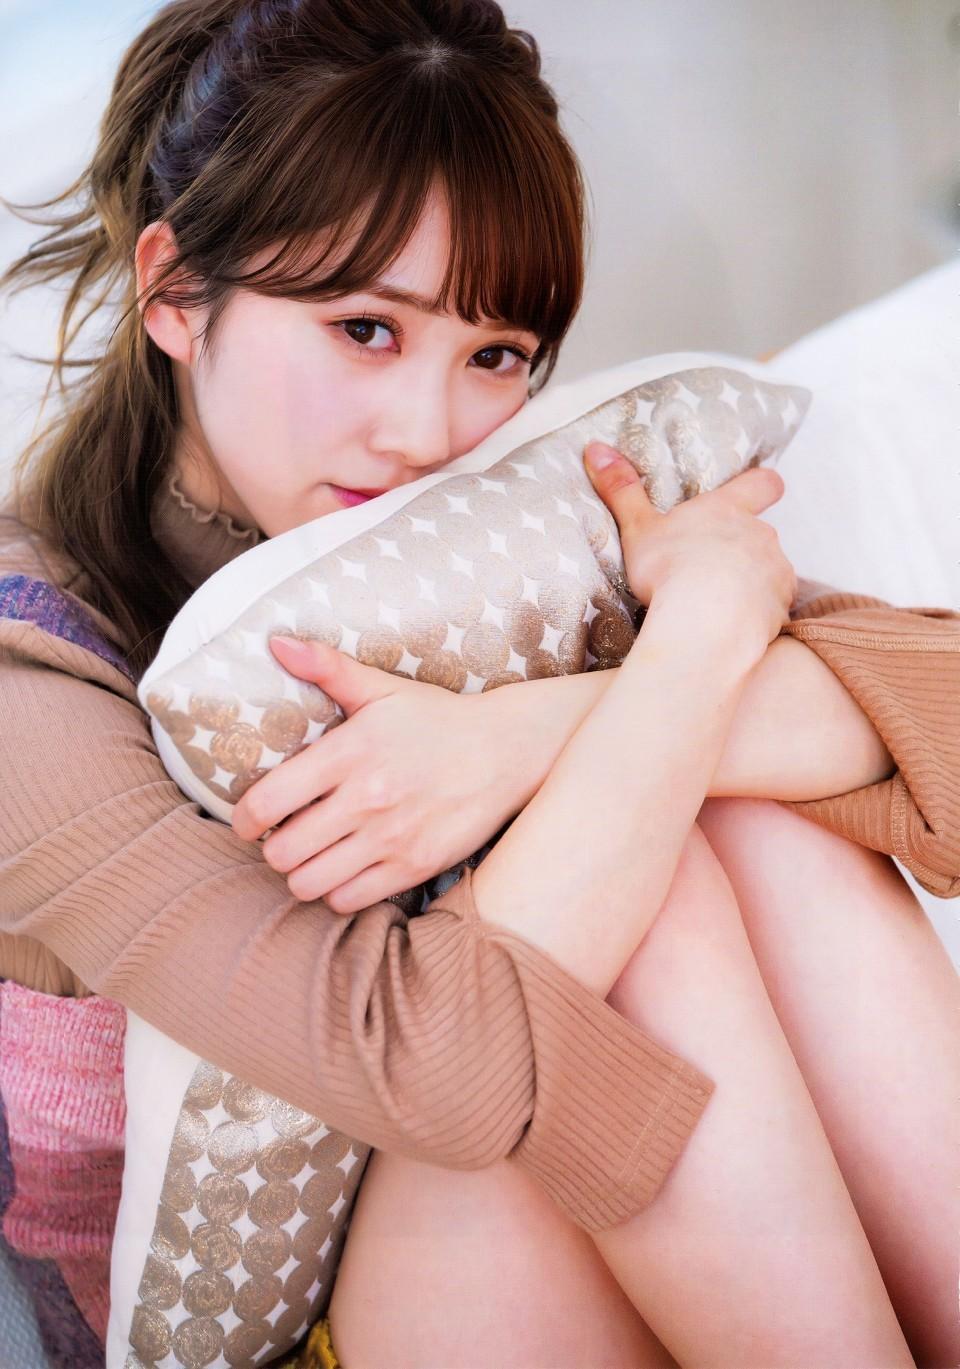 Kato Shiho 加藤史帆, Kageyama Yuuka 影山優佳, GIRLS PLUS 2018 VOL.03 Part.02